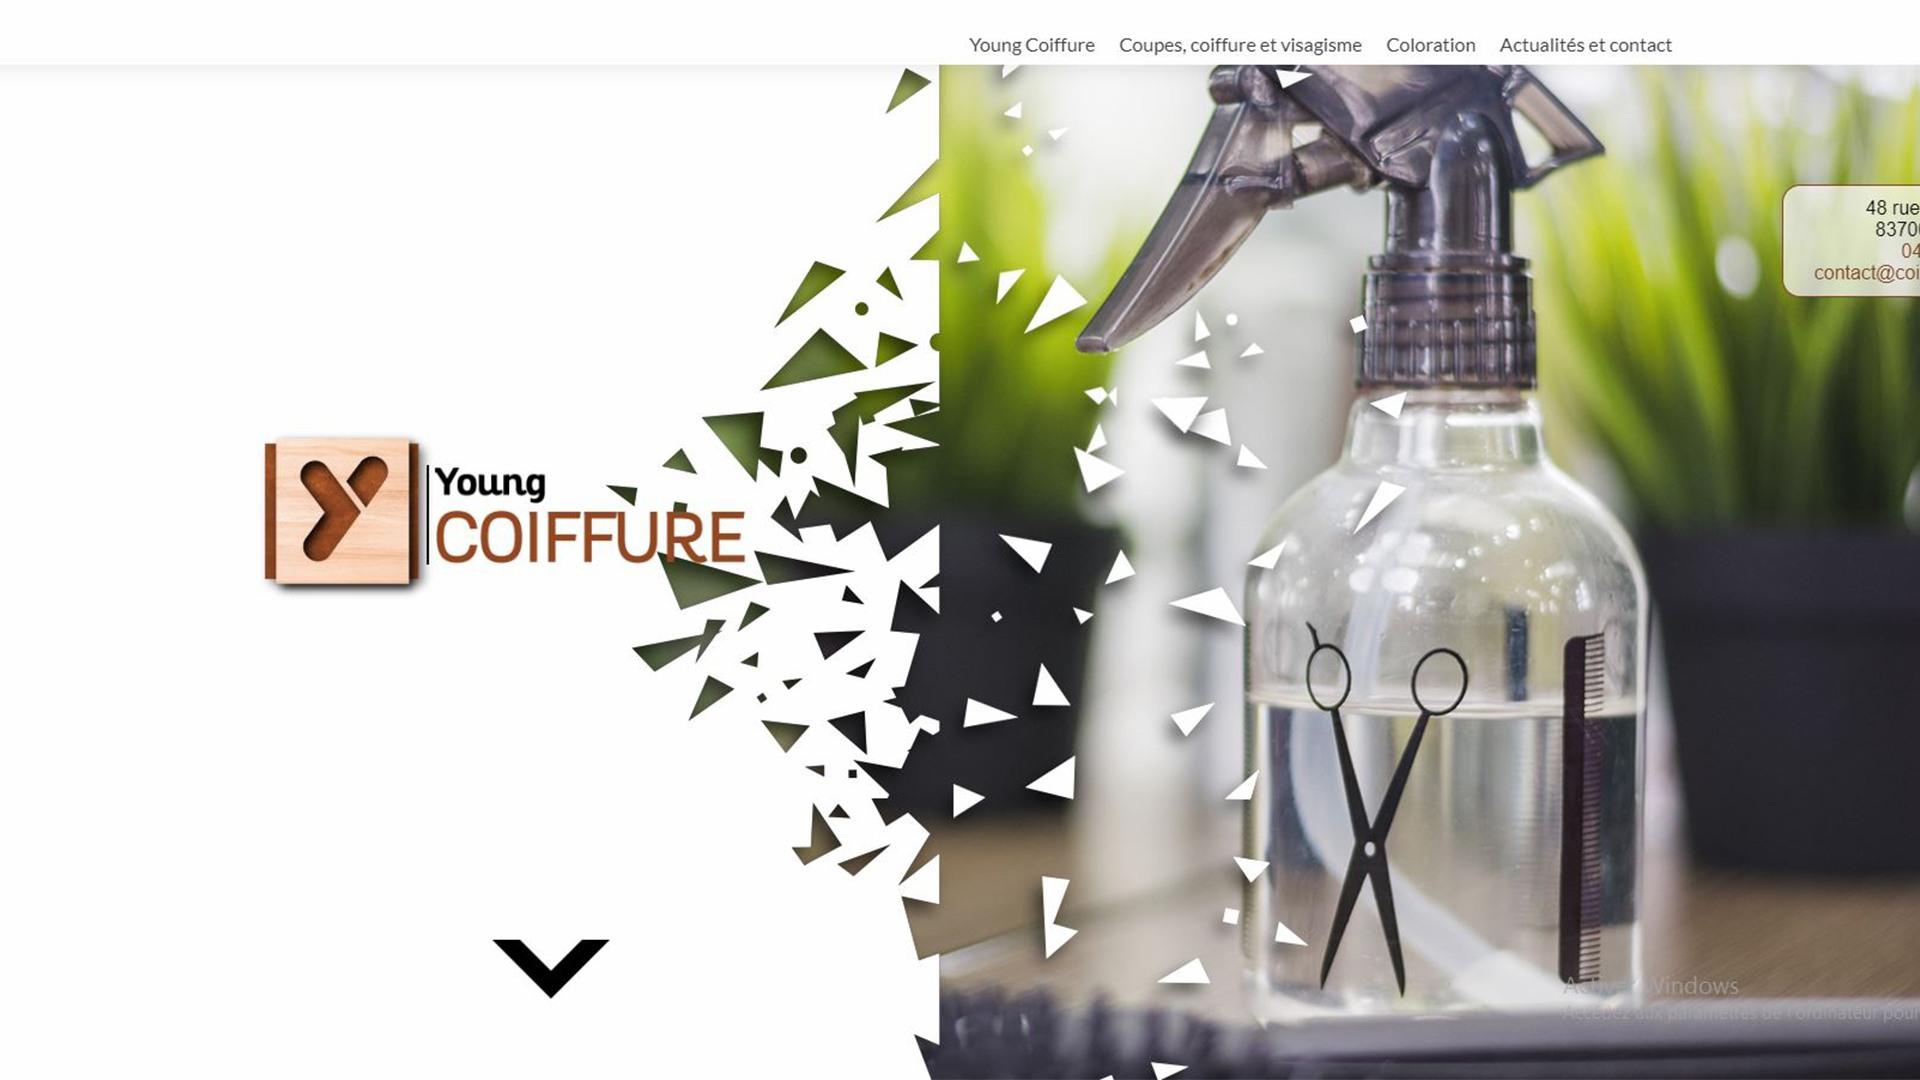 reflexologue a Cavaillon-reflexologie Caumont-sur-Durance-reflexologie plantaire Robion-reflexologie palmaire Saint-Remy-de-Provence-reflexologie plantaire et palmaire Molleges